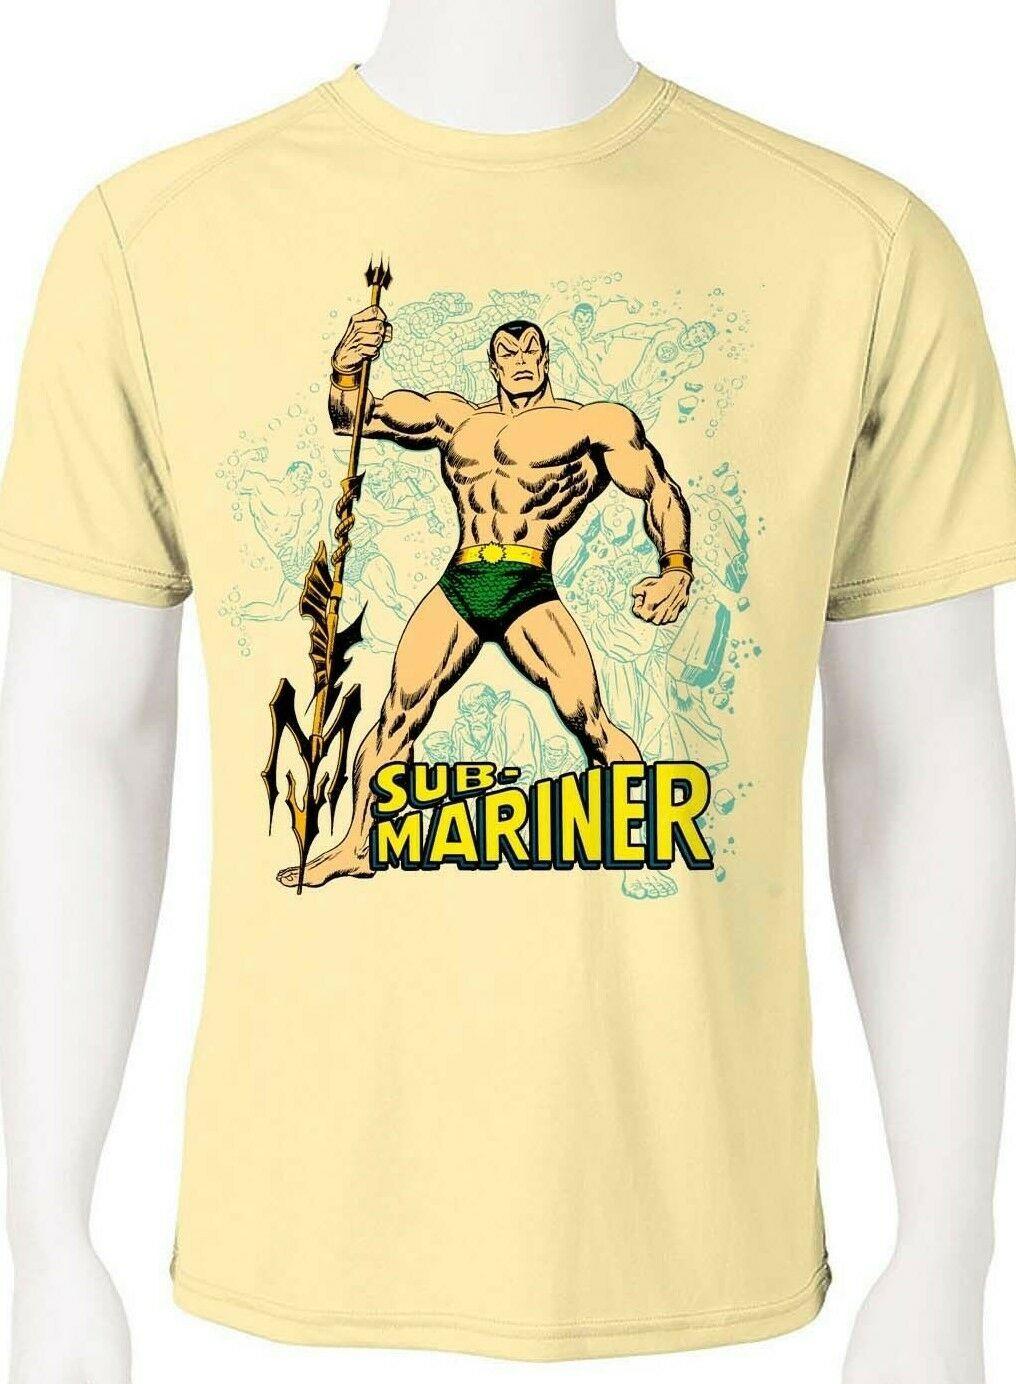 Sub mariner dri fit graphic tshirt moisture wicking superhero comic book spf tee